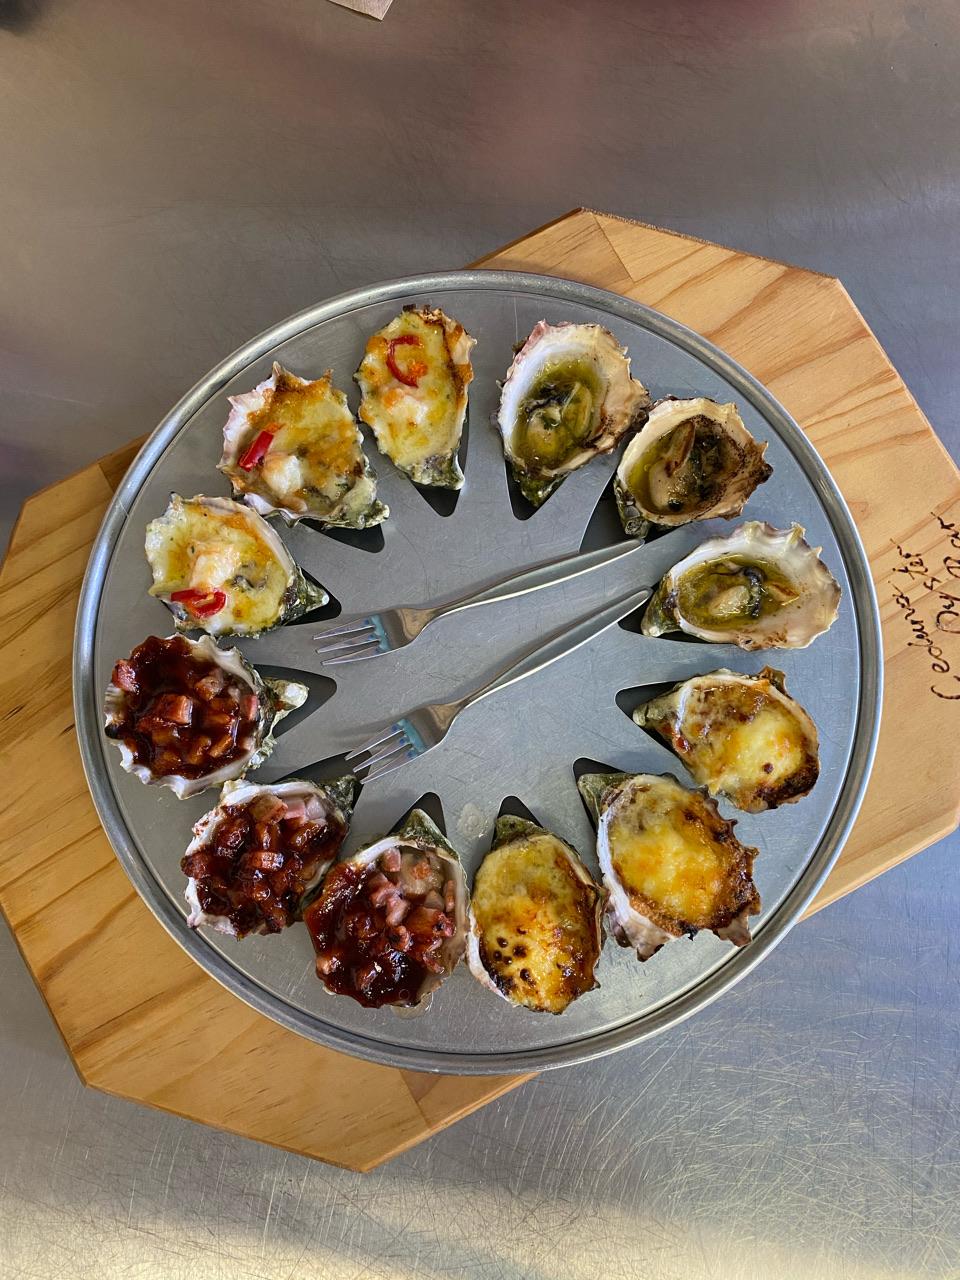 Ceduna Oyster Barn baked oysters